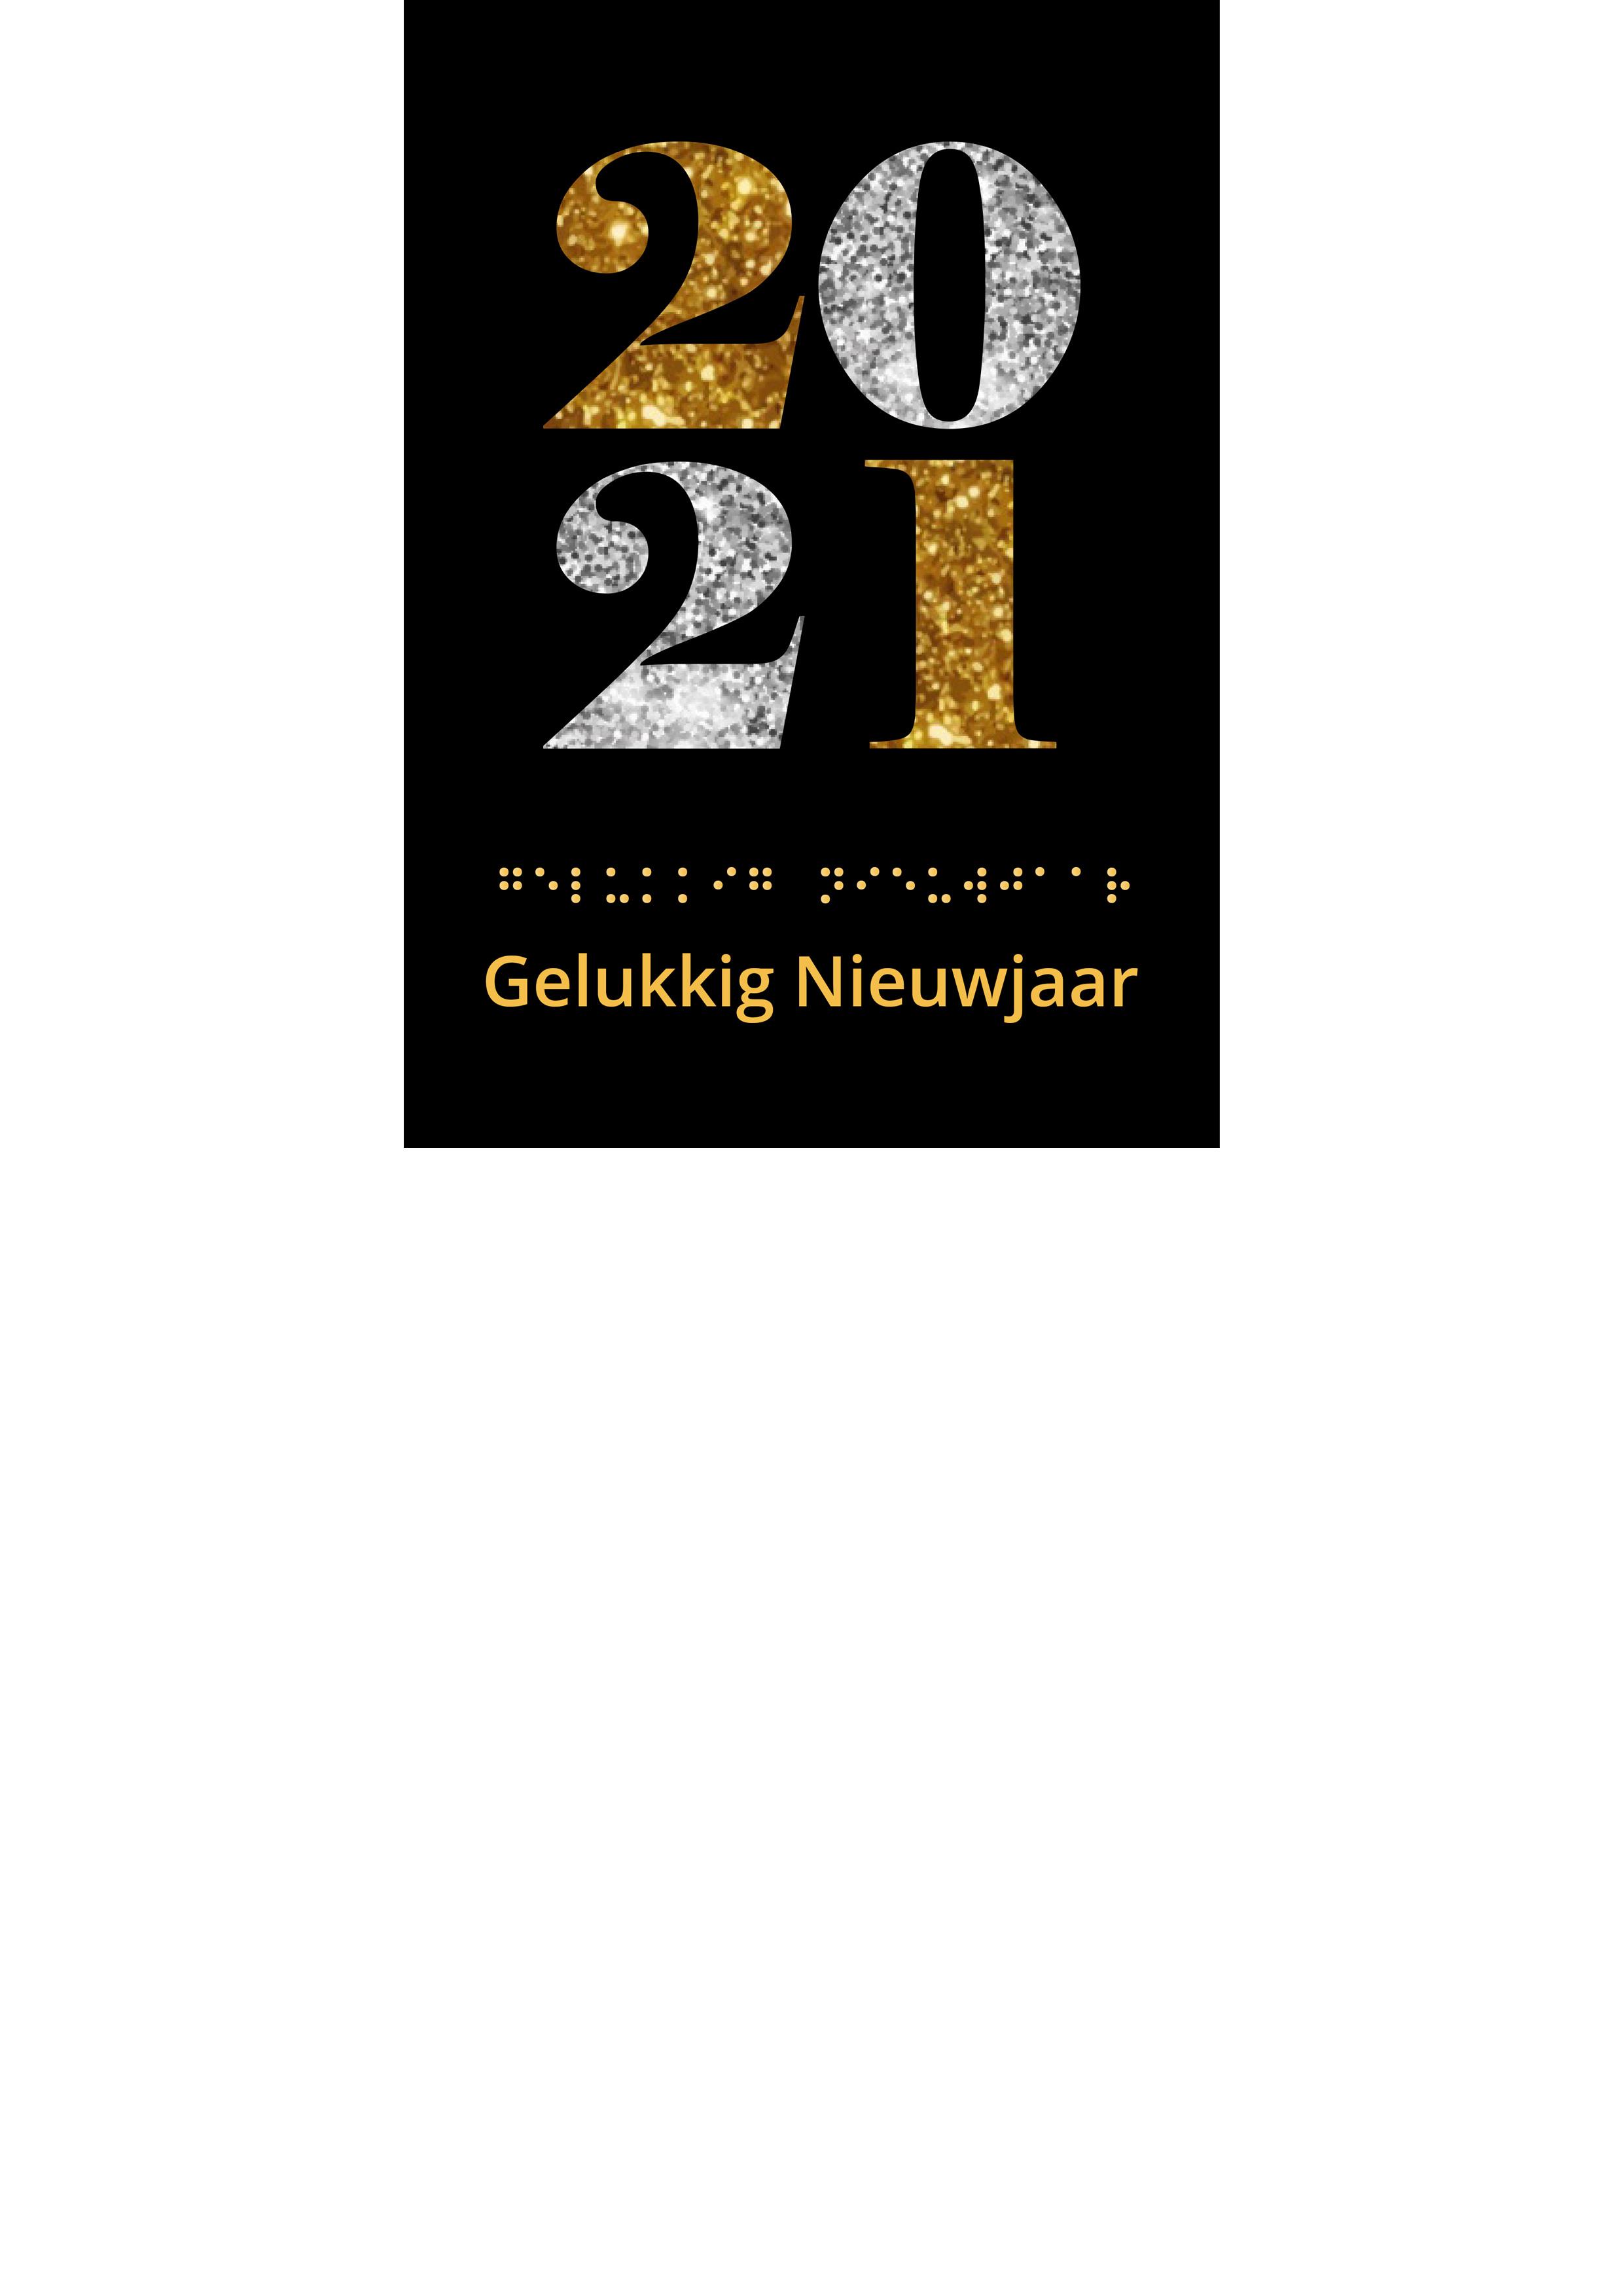 Voelbare kerstkaart met braille en de cijfers 2021 in reliëf tegen een zwarte achtergrond.